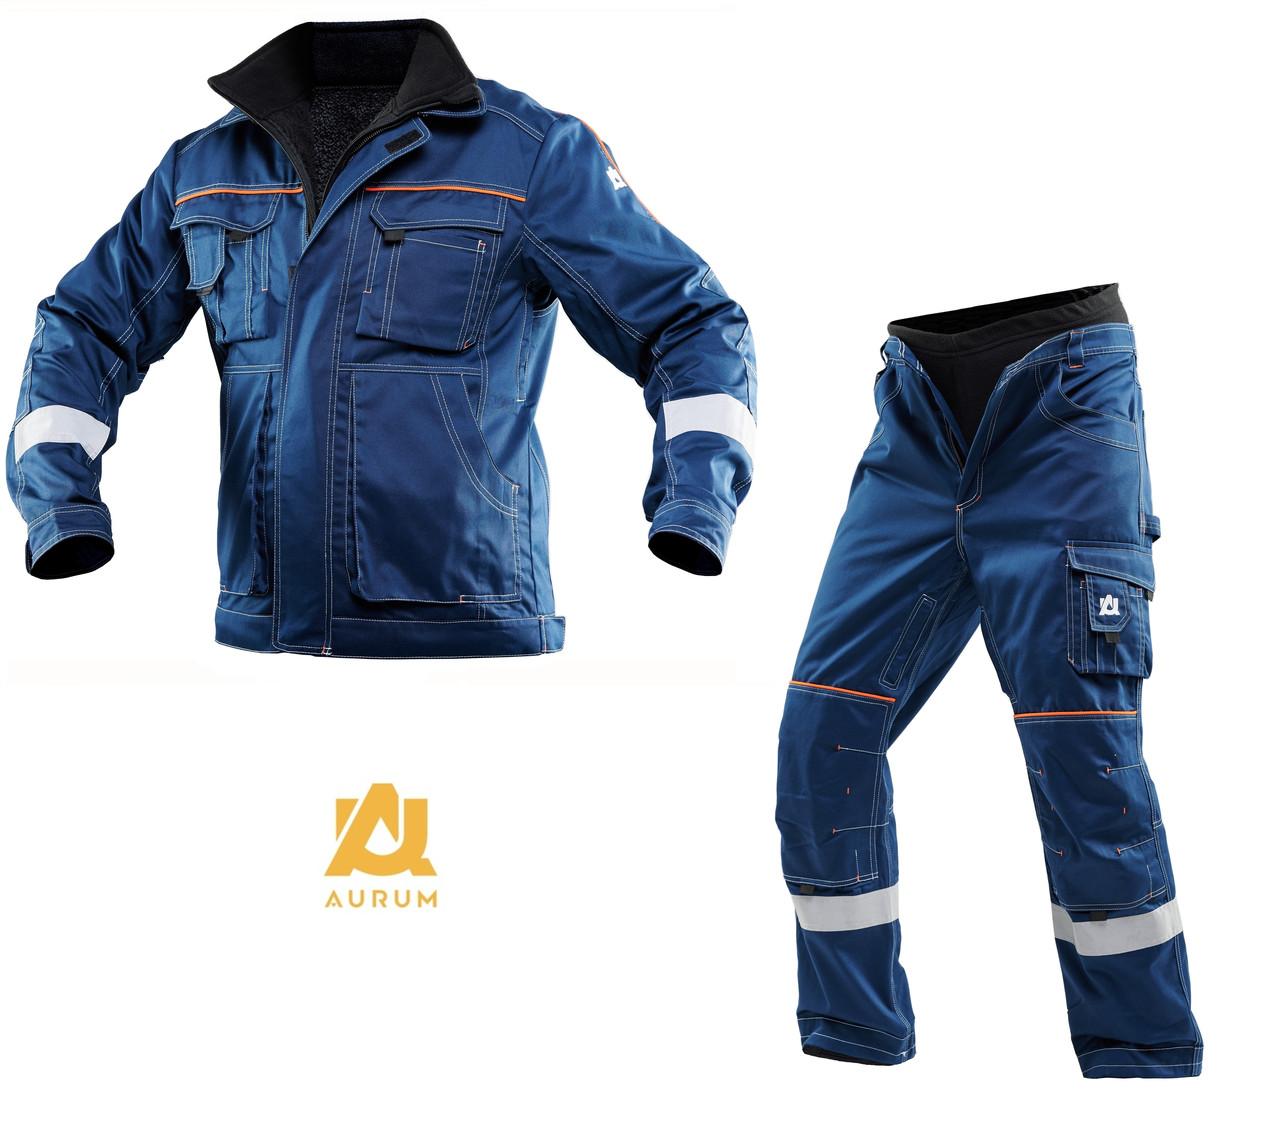 Костюм рабочий утепленный защитный AURUM 4S BLUE Куртка+Брюки на утепленной подкладке (спецодежда, флис)